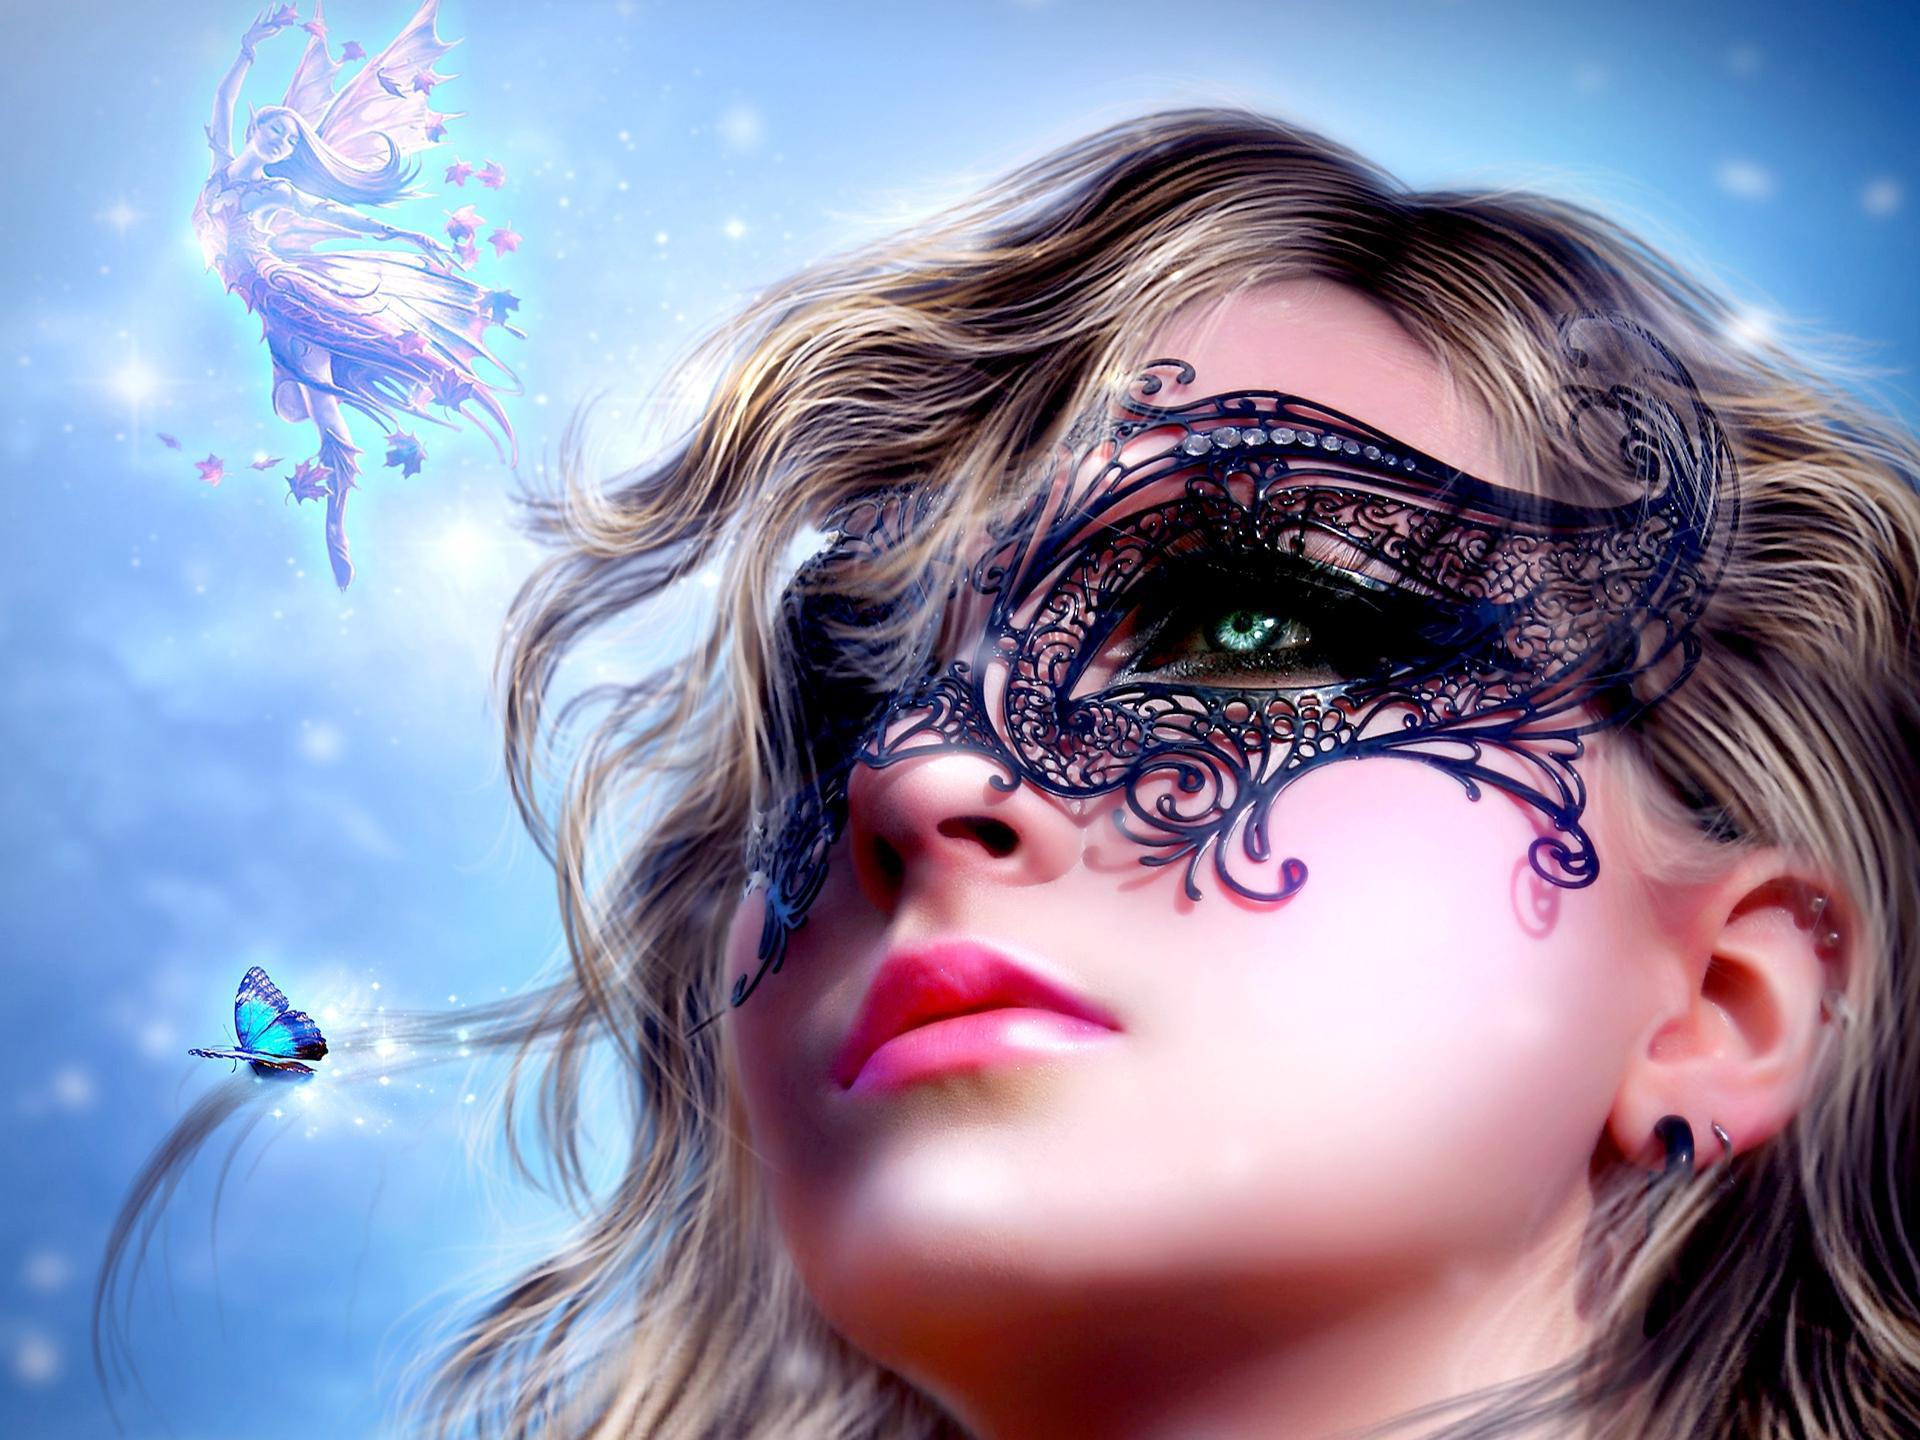 3d fantasy girl hd wallpaper